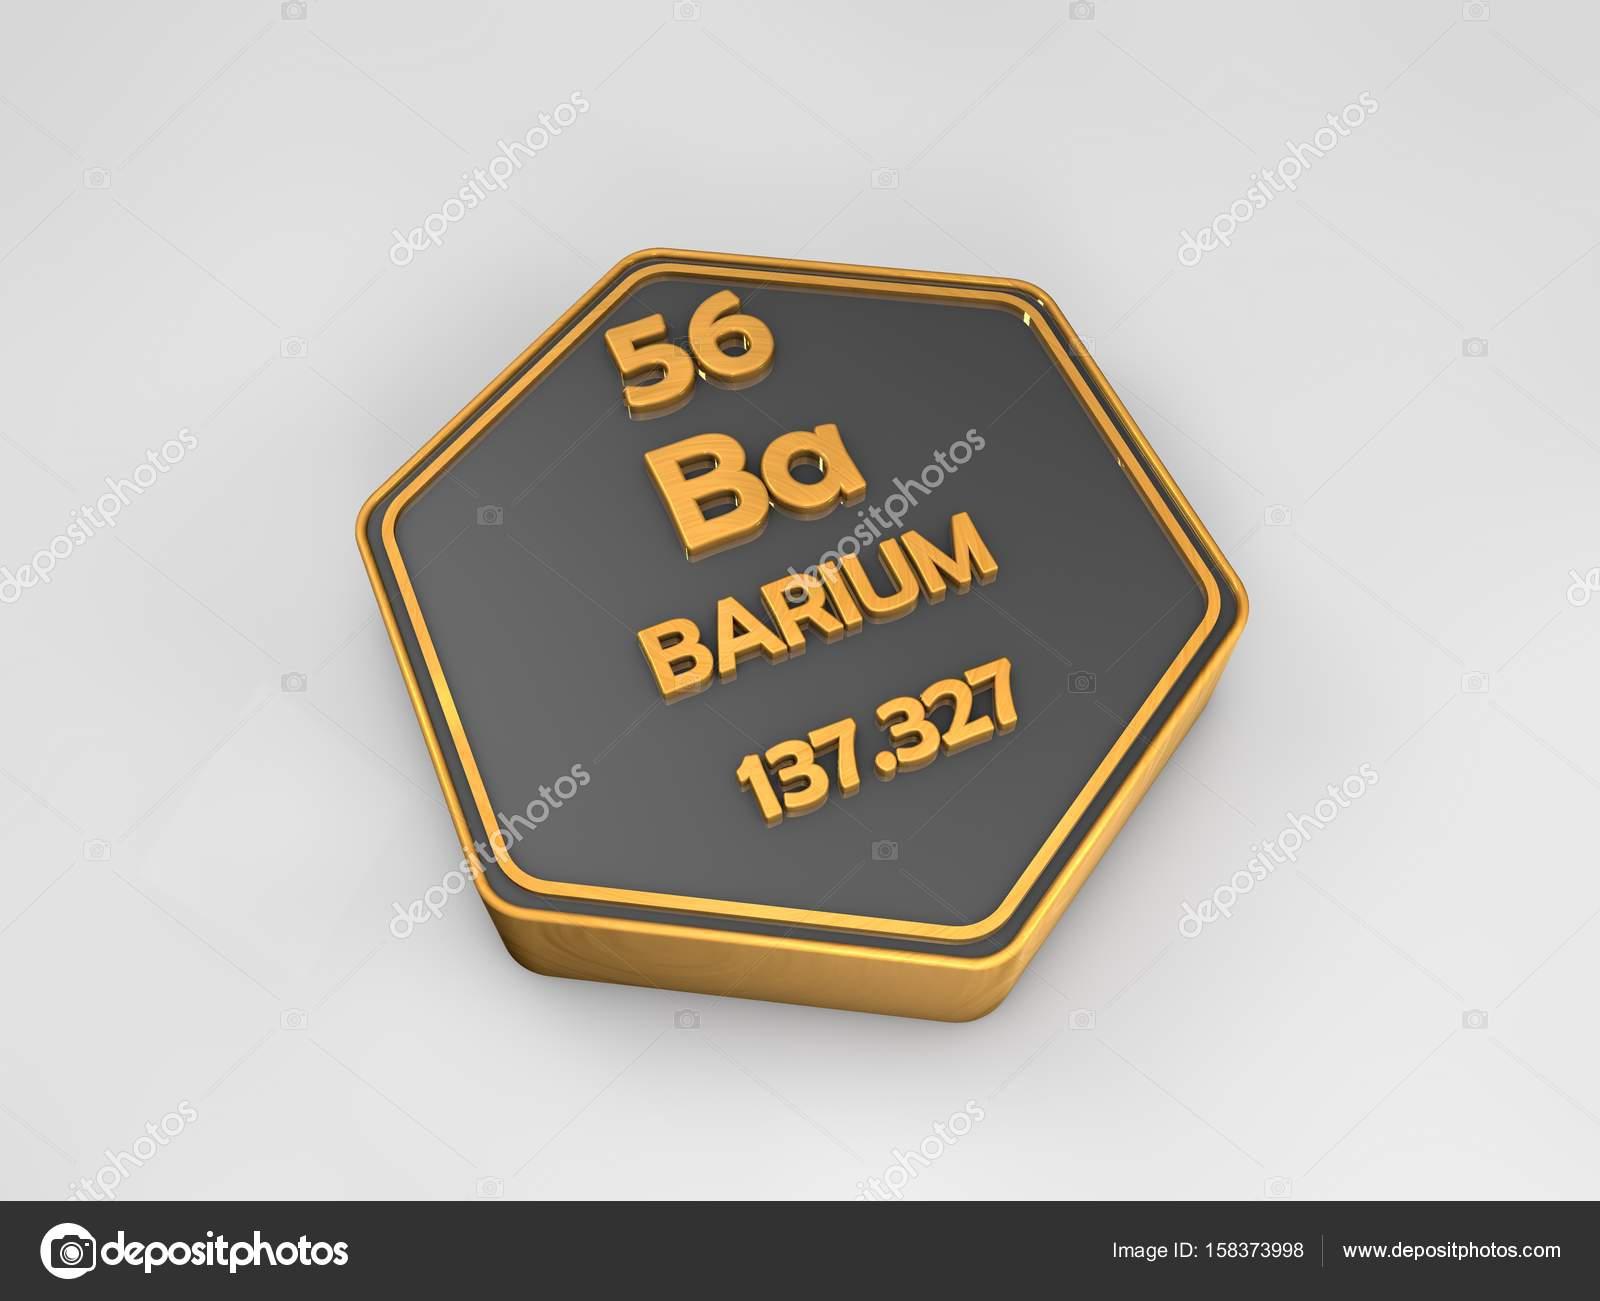 Bario ba elemento qumico tabla peridica forma hexagonal 3d bario ba elemento qumico tabla peridica forma hexagonal 3d render urtaz Images